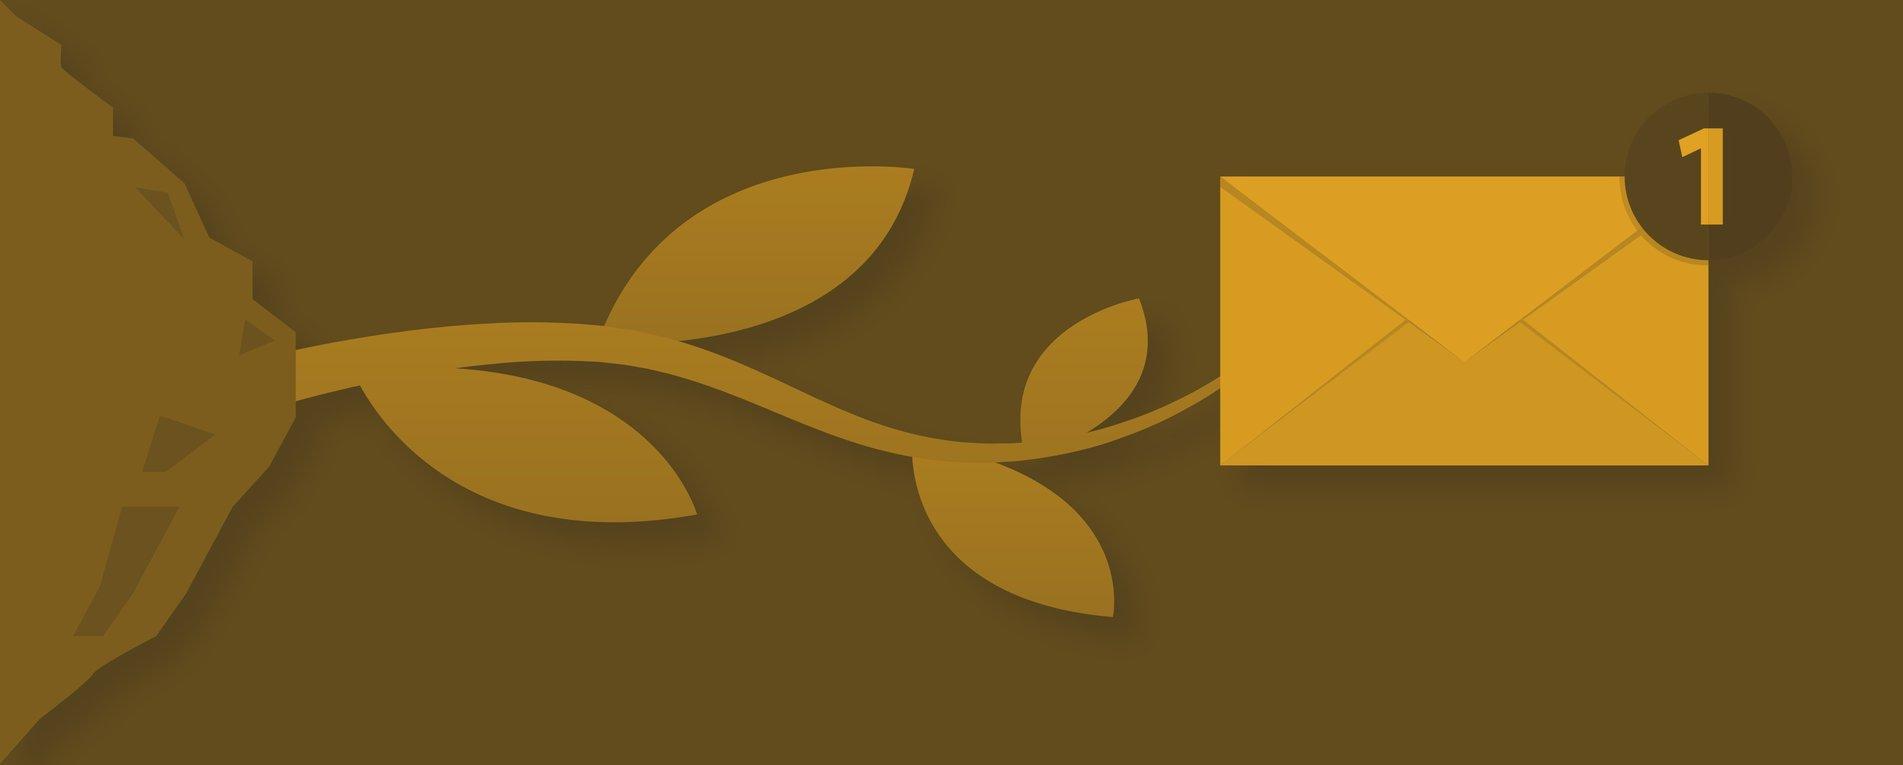 8-15-16_Grow_Email_List_870x350-1.jpg